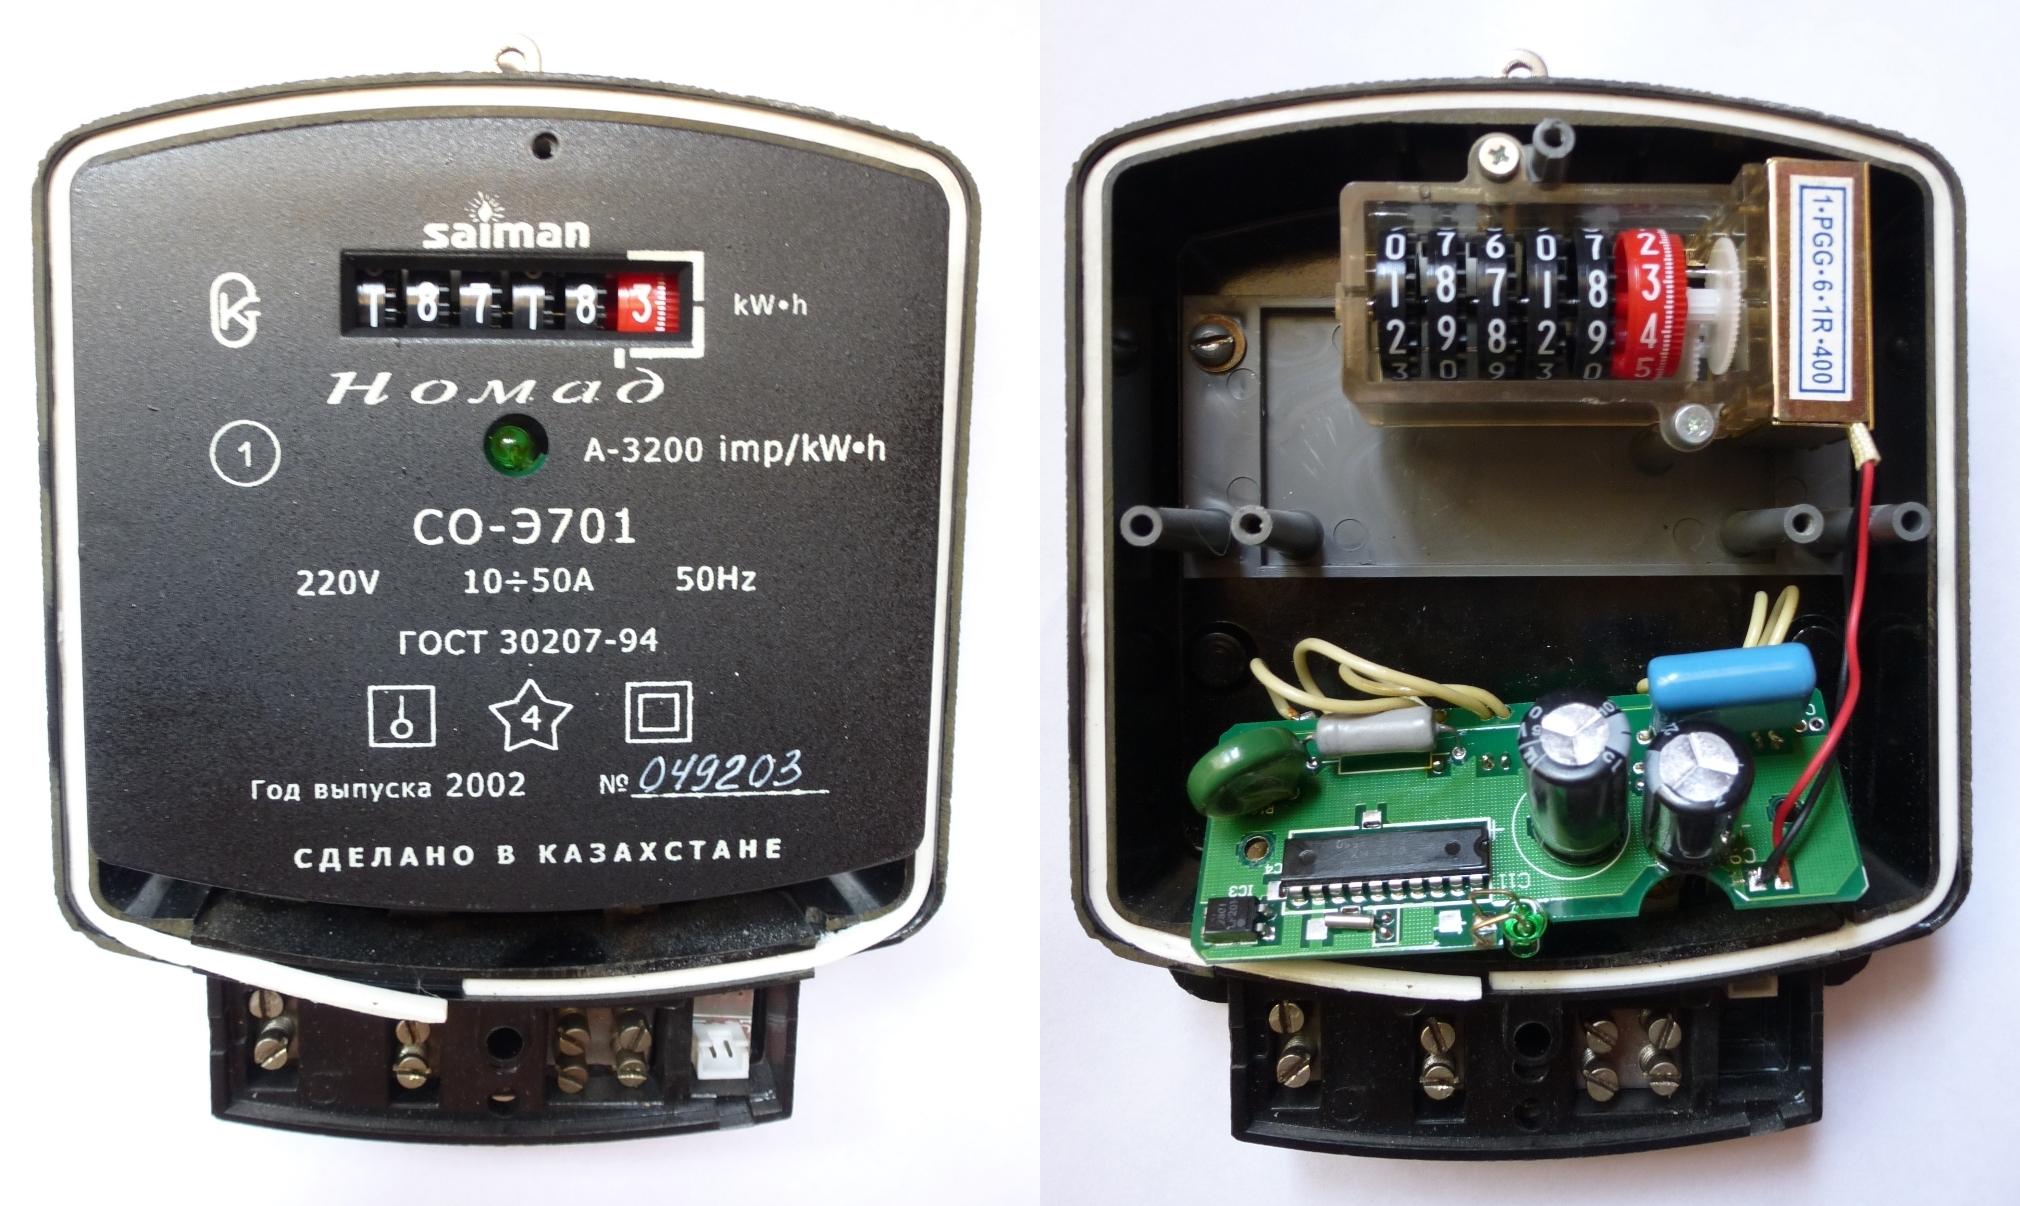 Данный вид счетчика можно применять при однотарифном учете электроэнергии